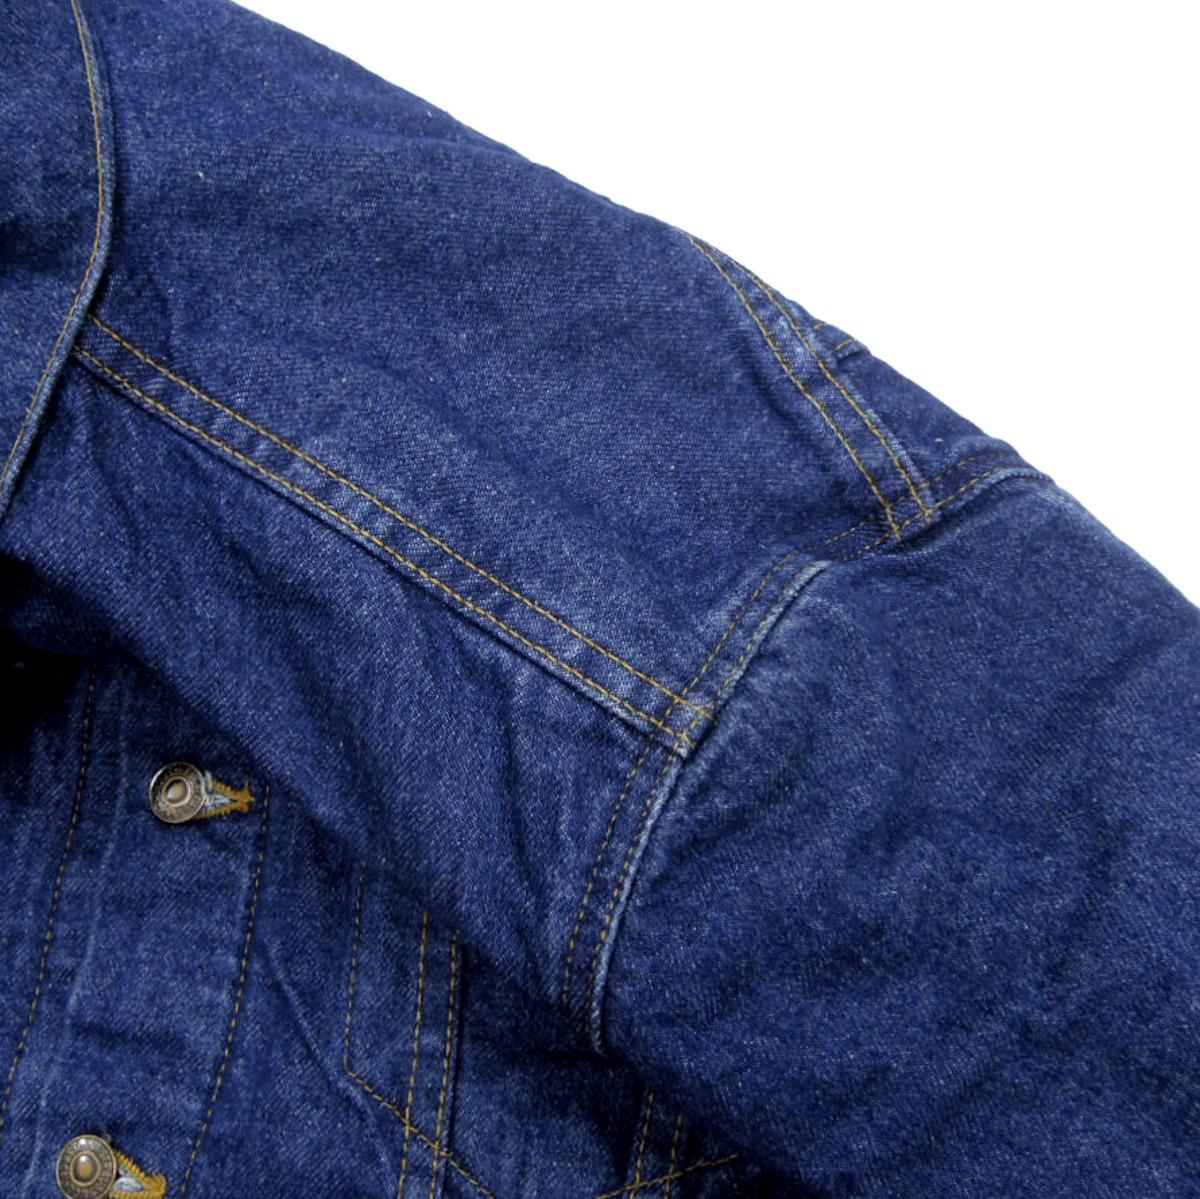 ☆送料無料☆ デッドストック 90s ビンテージ LEVIS リーバイス 70506 USA製 デニム ジャケット Gジャン ジージャン ブランケット 古着_画像8